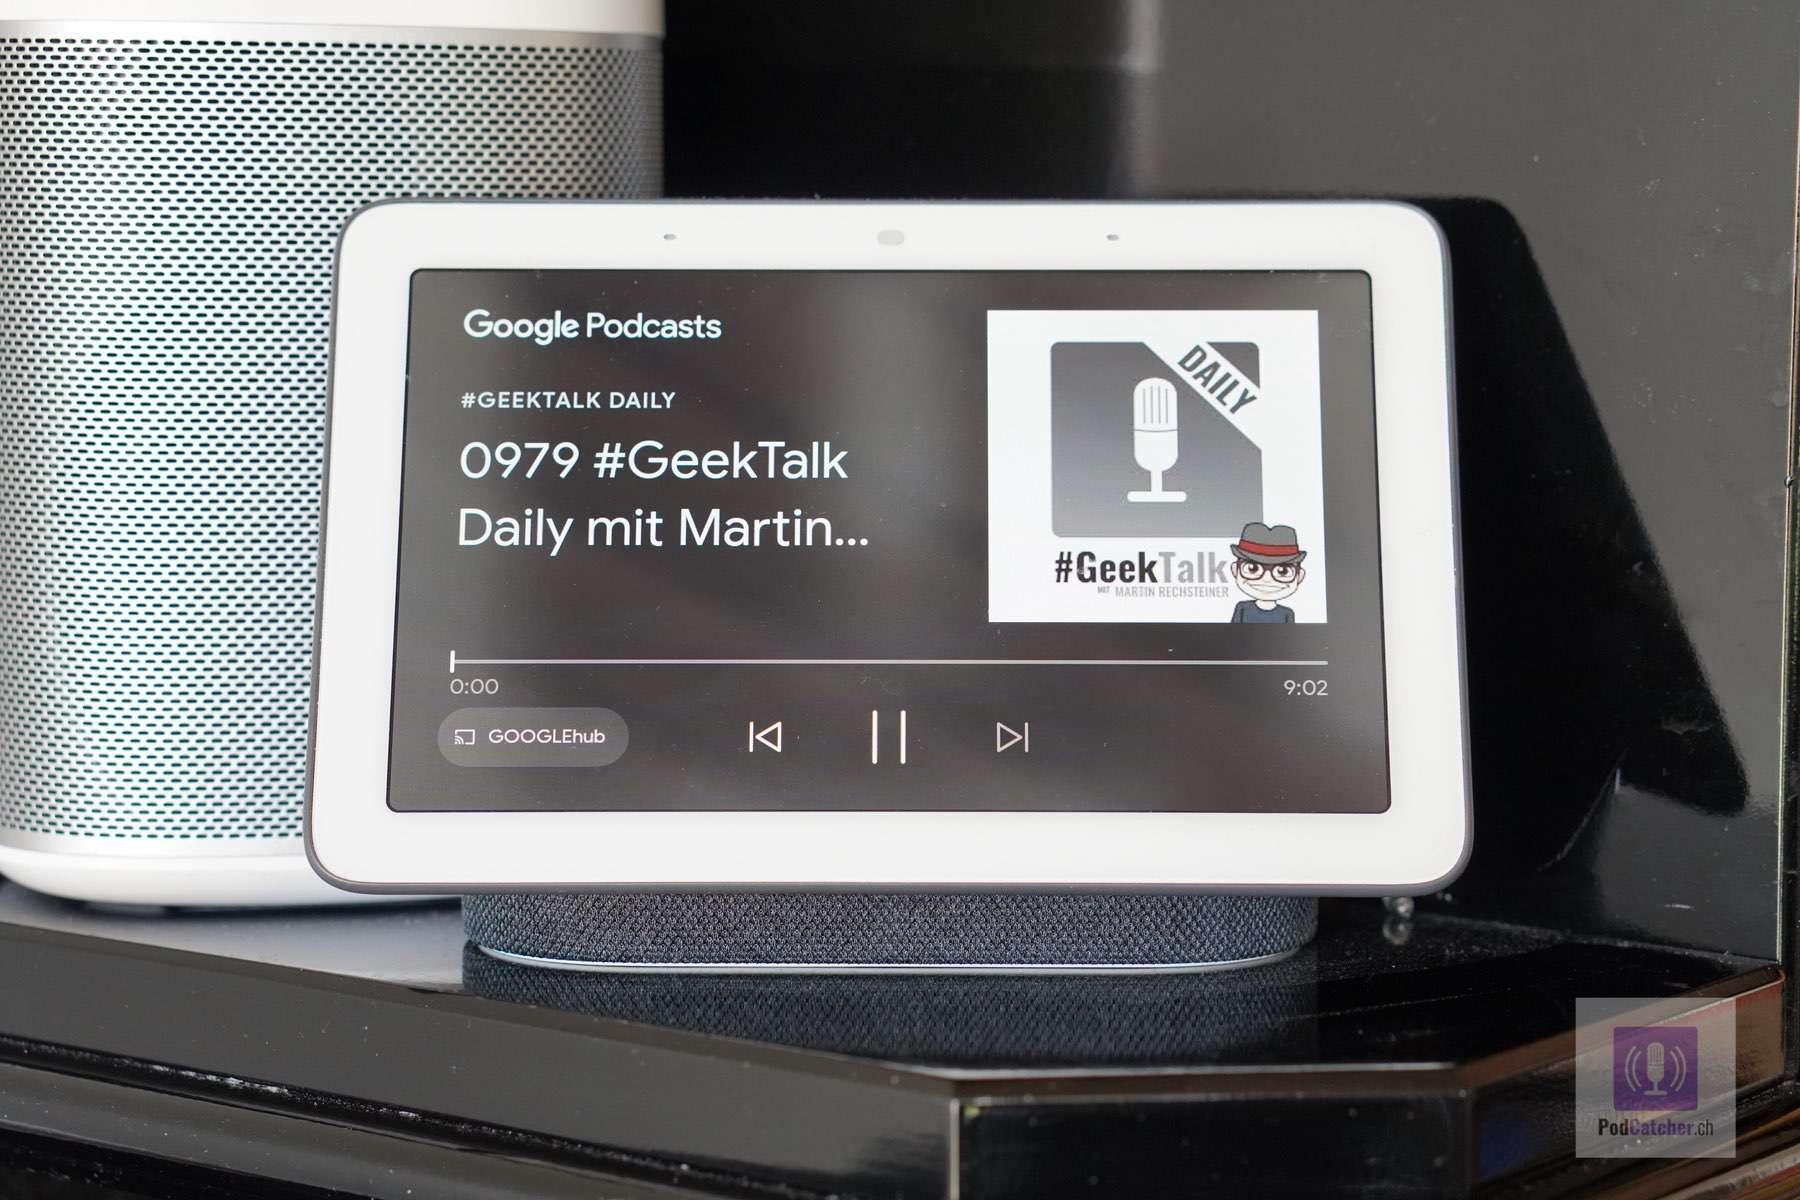 Podcasts hören am Google Nest Hub - Die Sprachbefehle